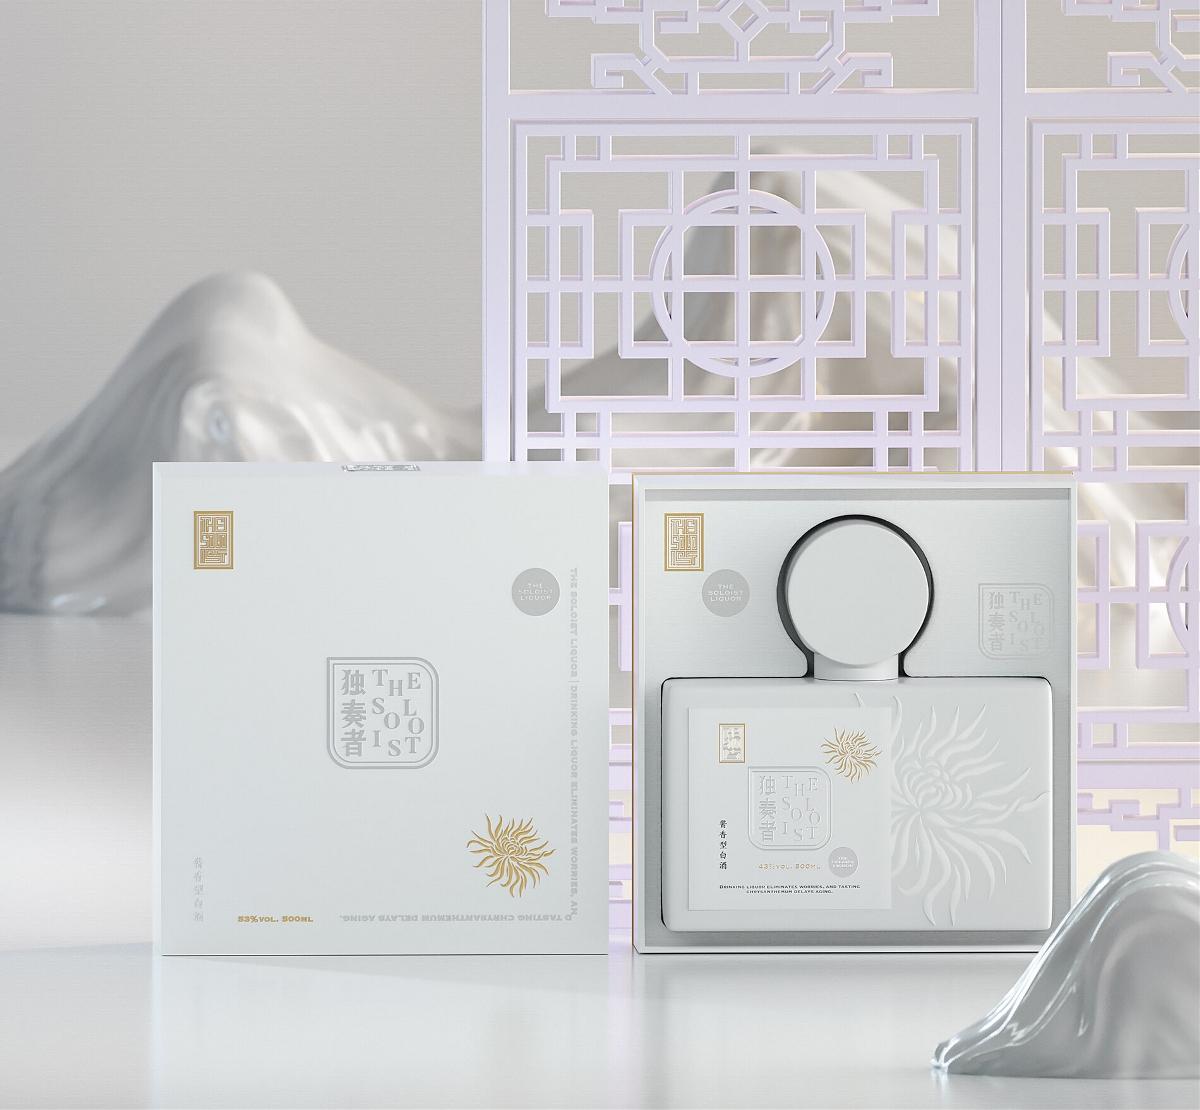 概念集合 · 六 独奏者中国酒  Concept Collection / 6